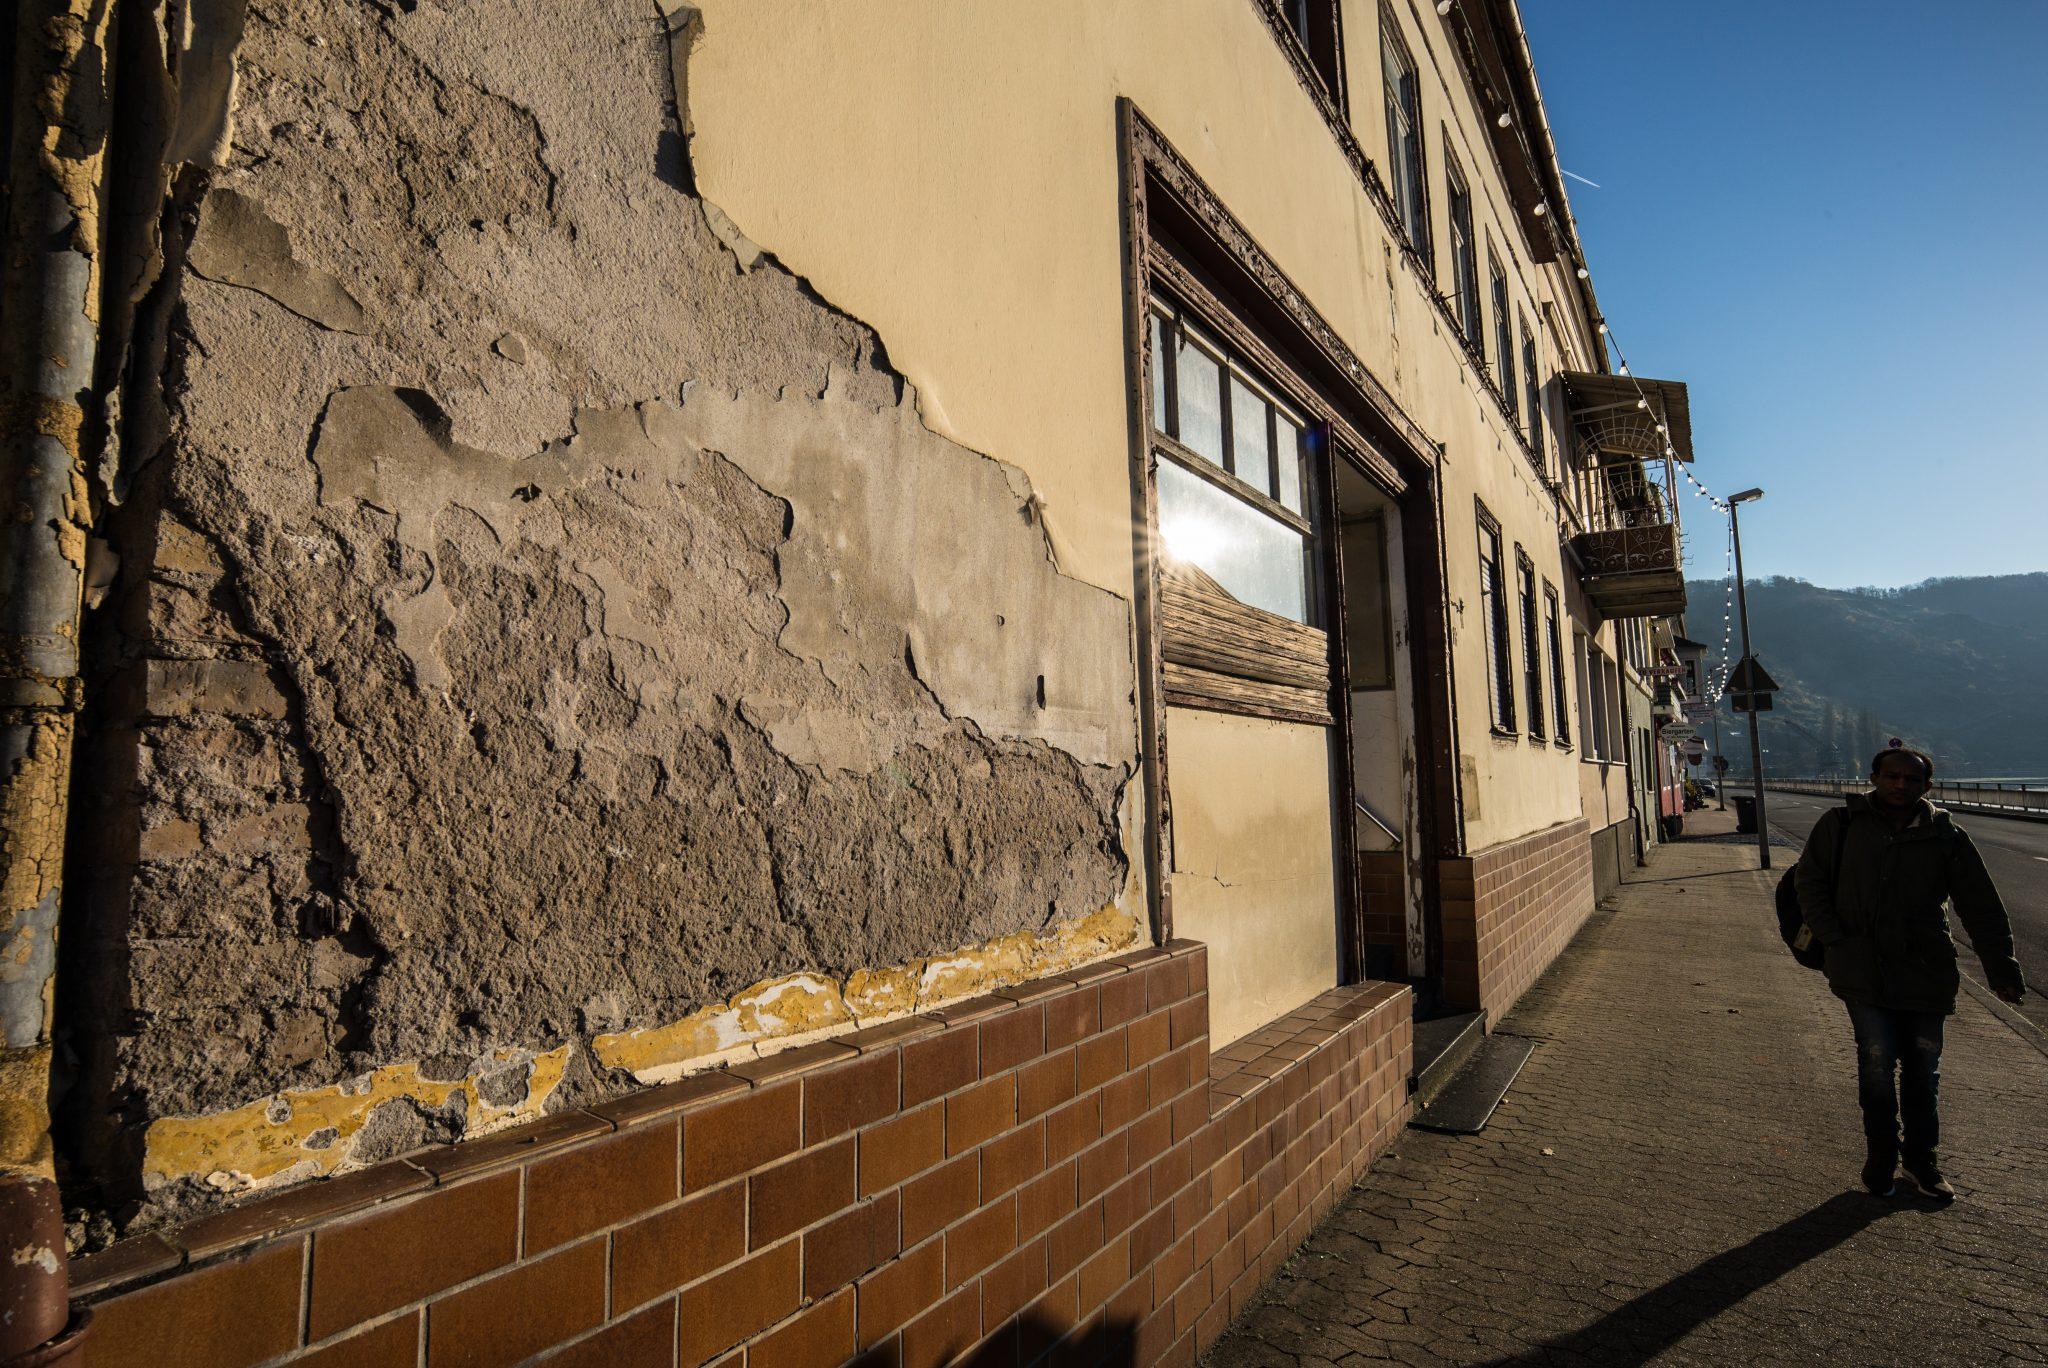 Renovierungs-»Stau« in vielen Orten. (Foto: Piel media)